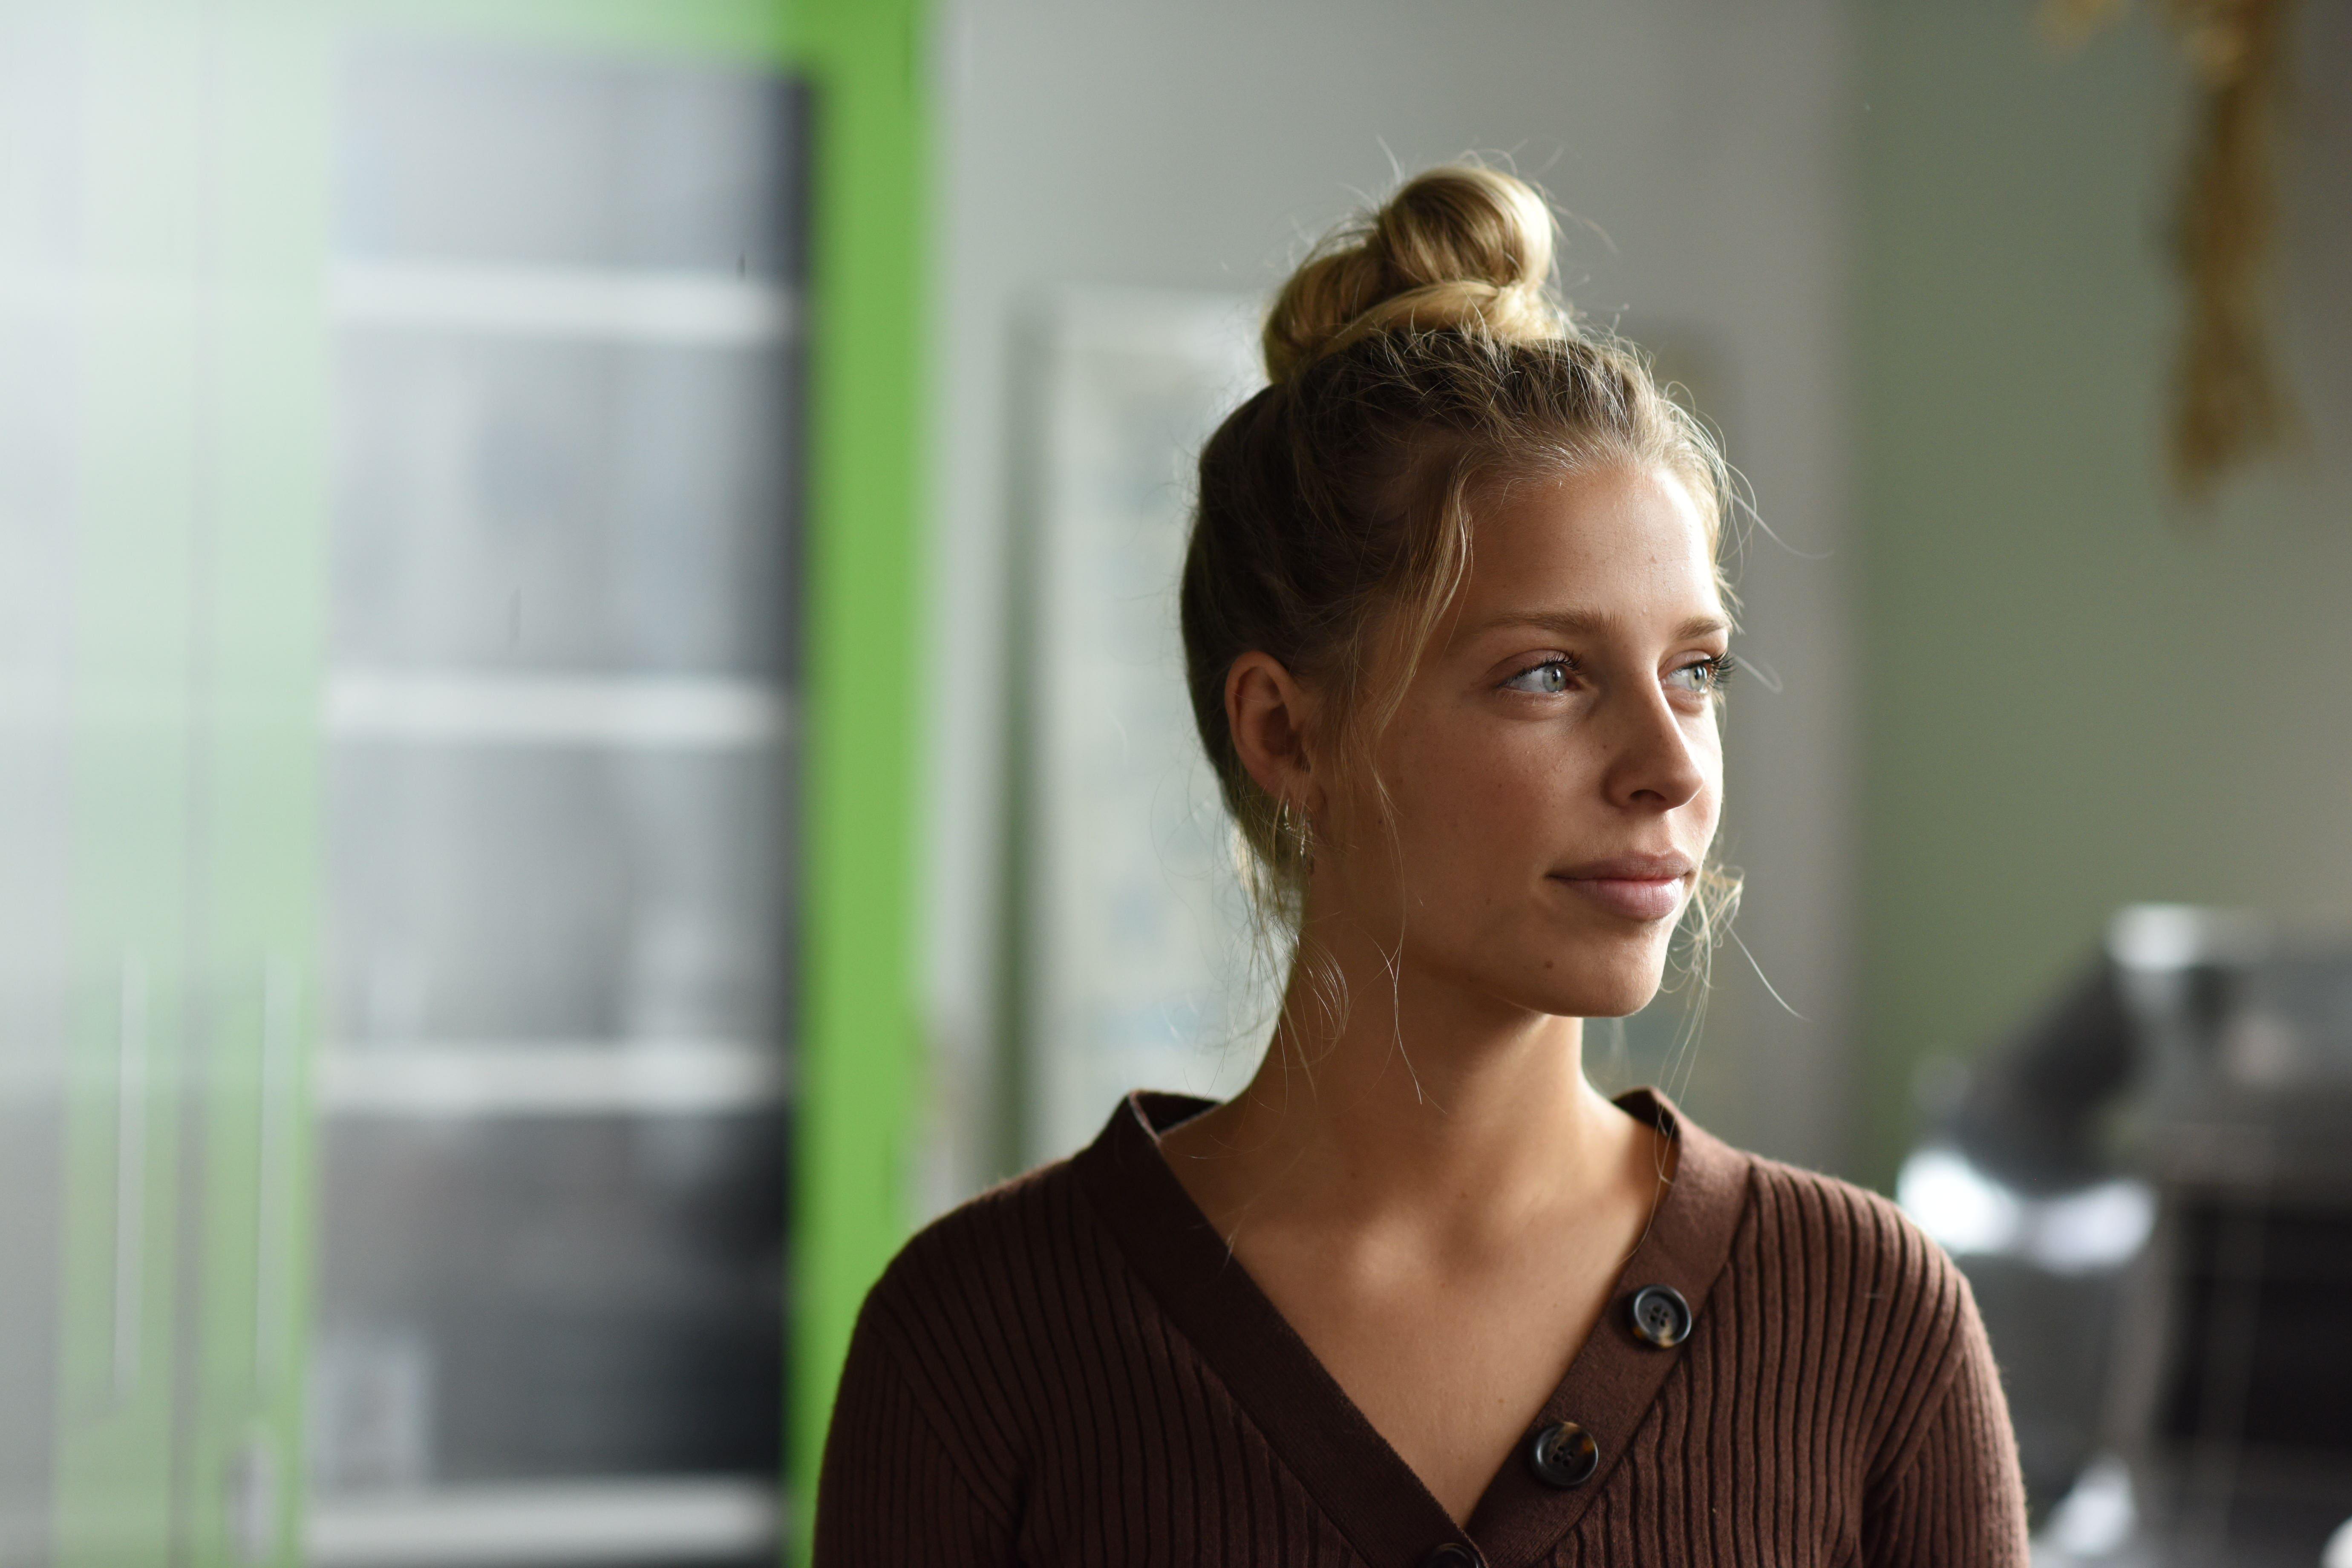 Portræt af lærerstuderende ung kvinde med opsat lyst hår